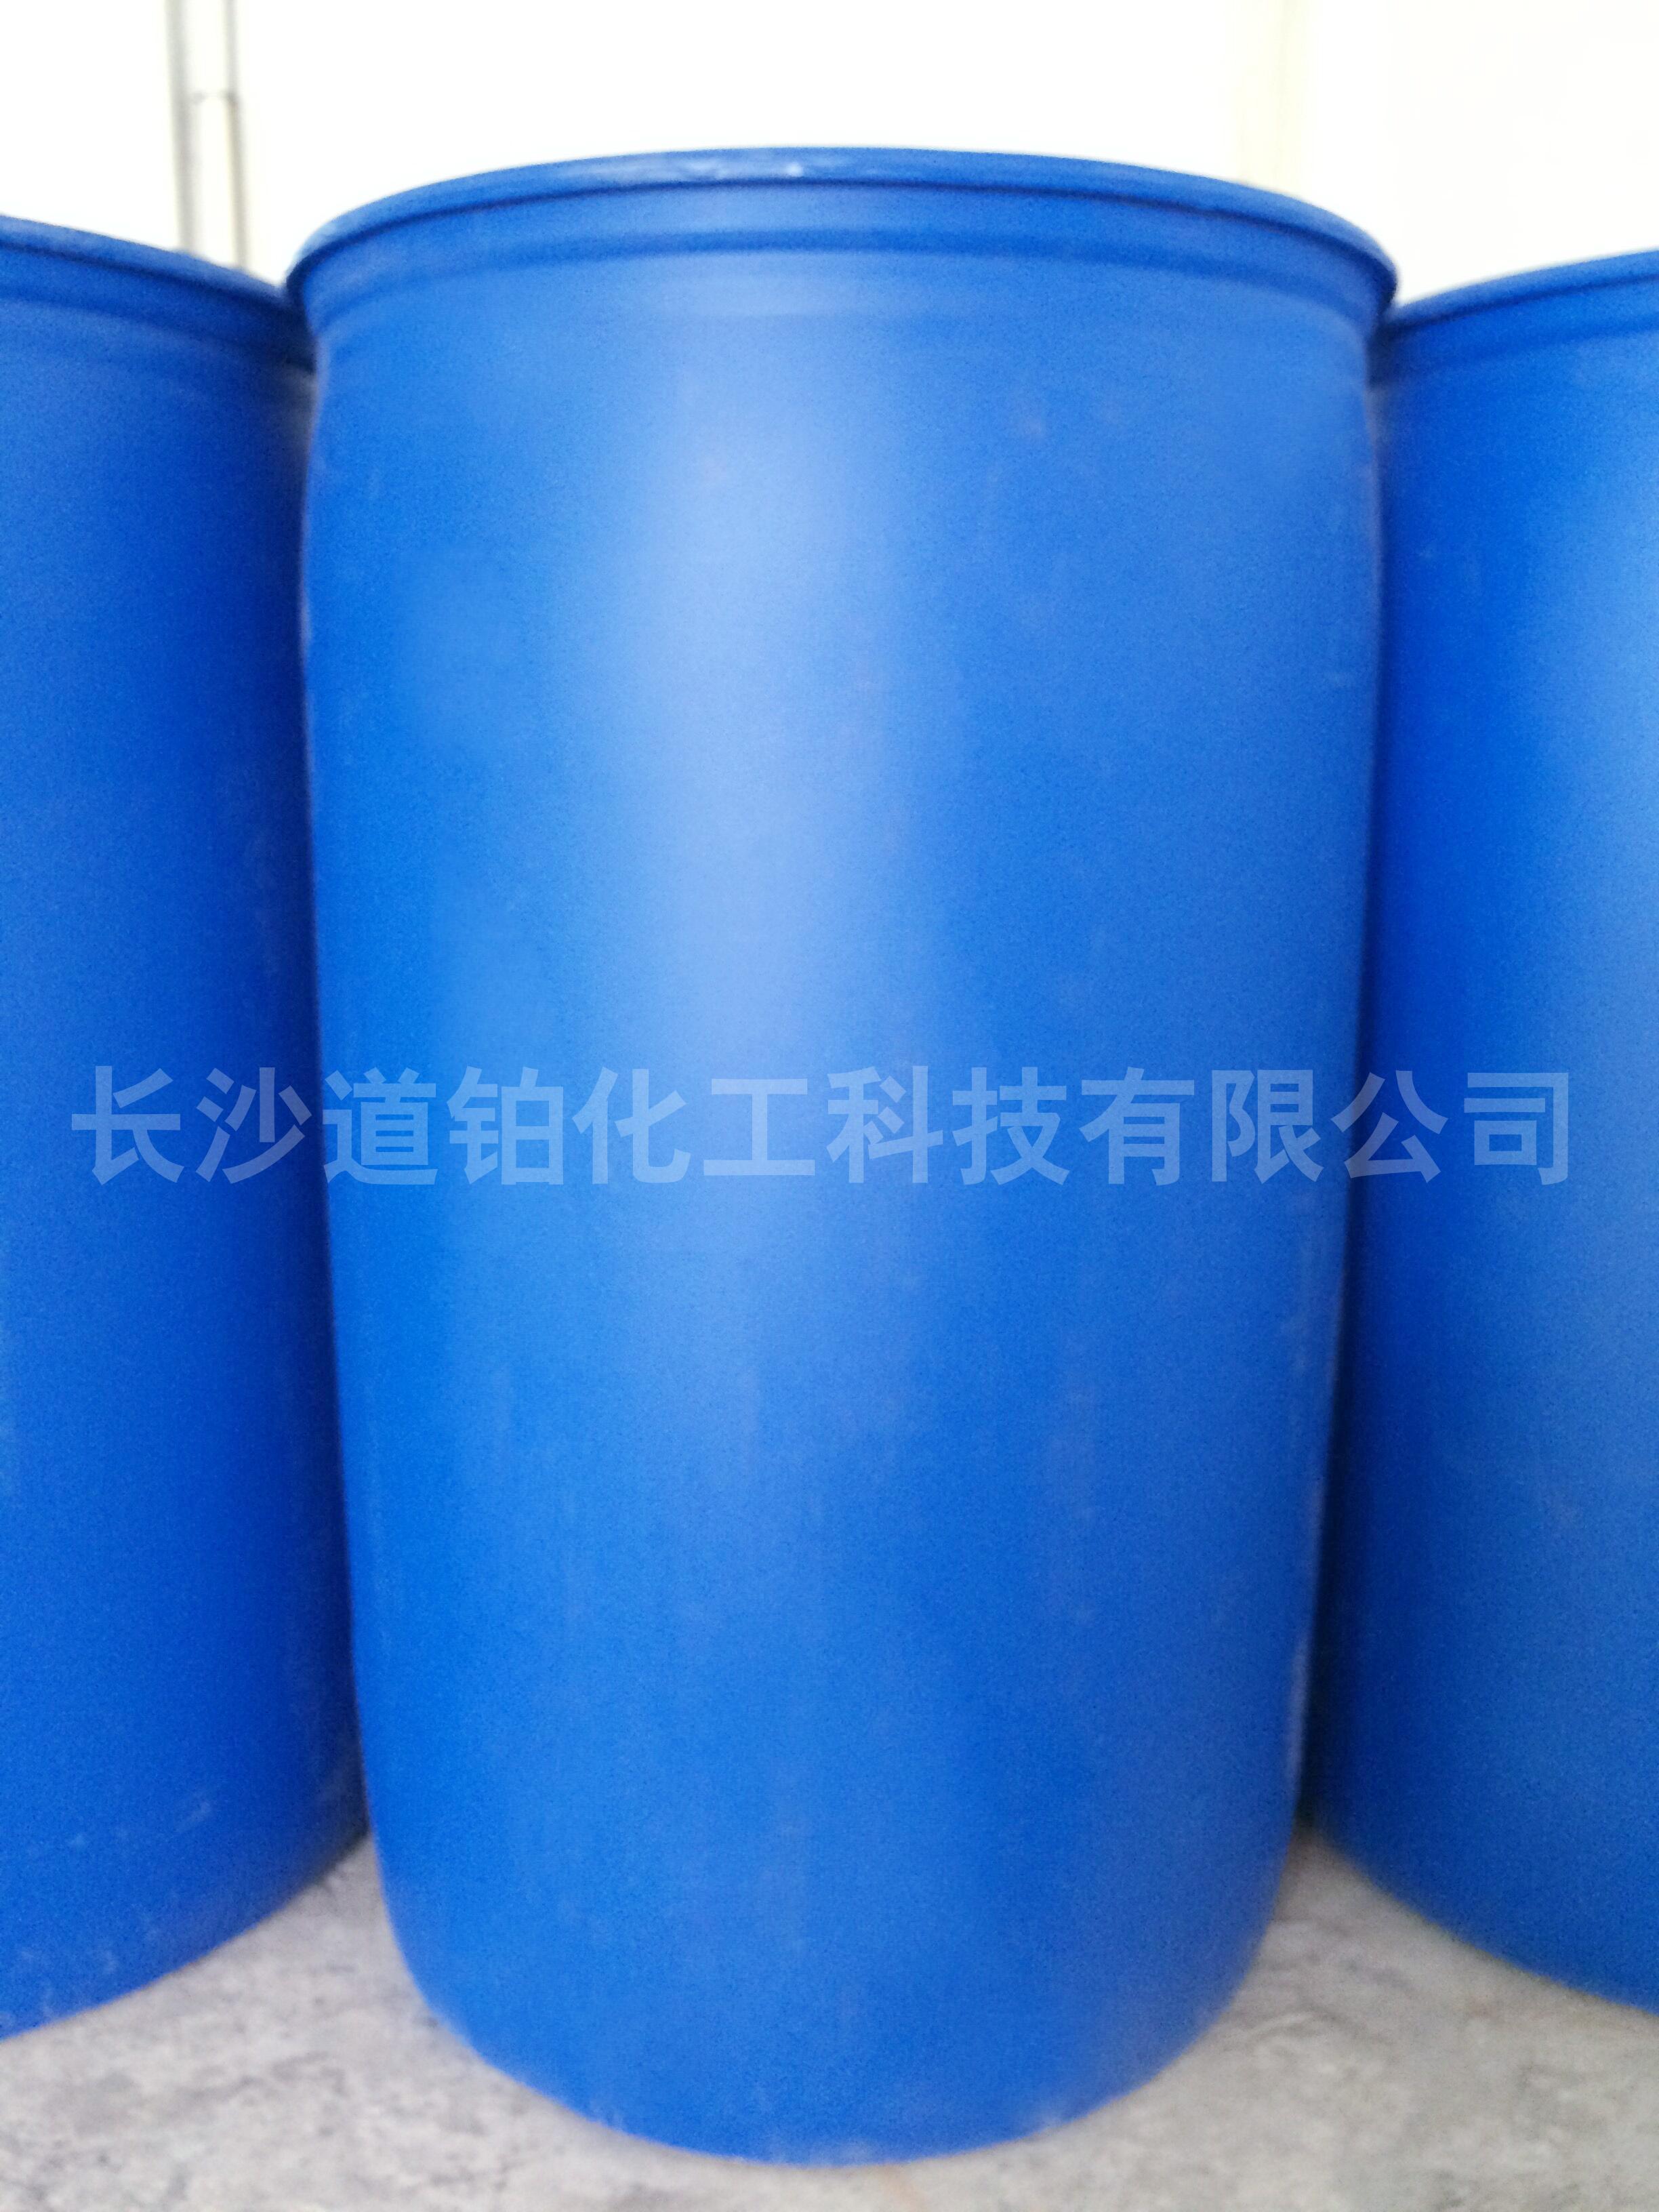 印花固漿樹脂DP-8834